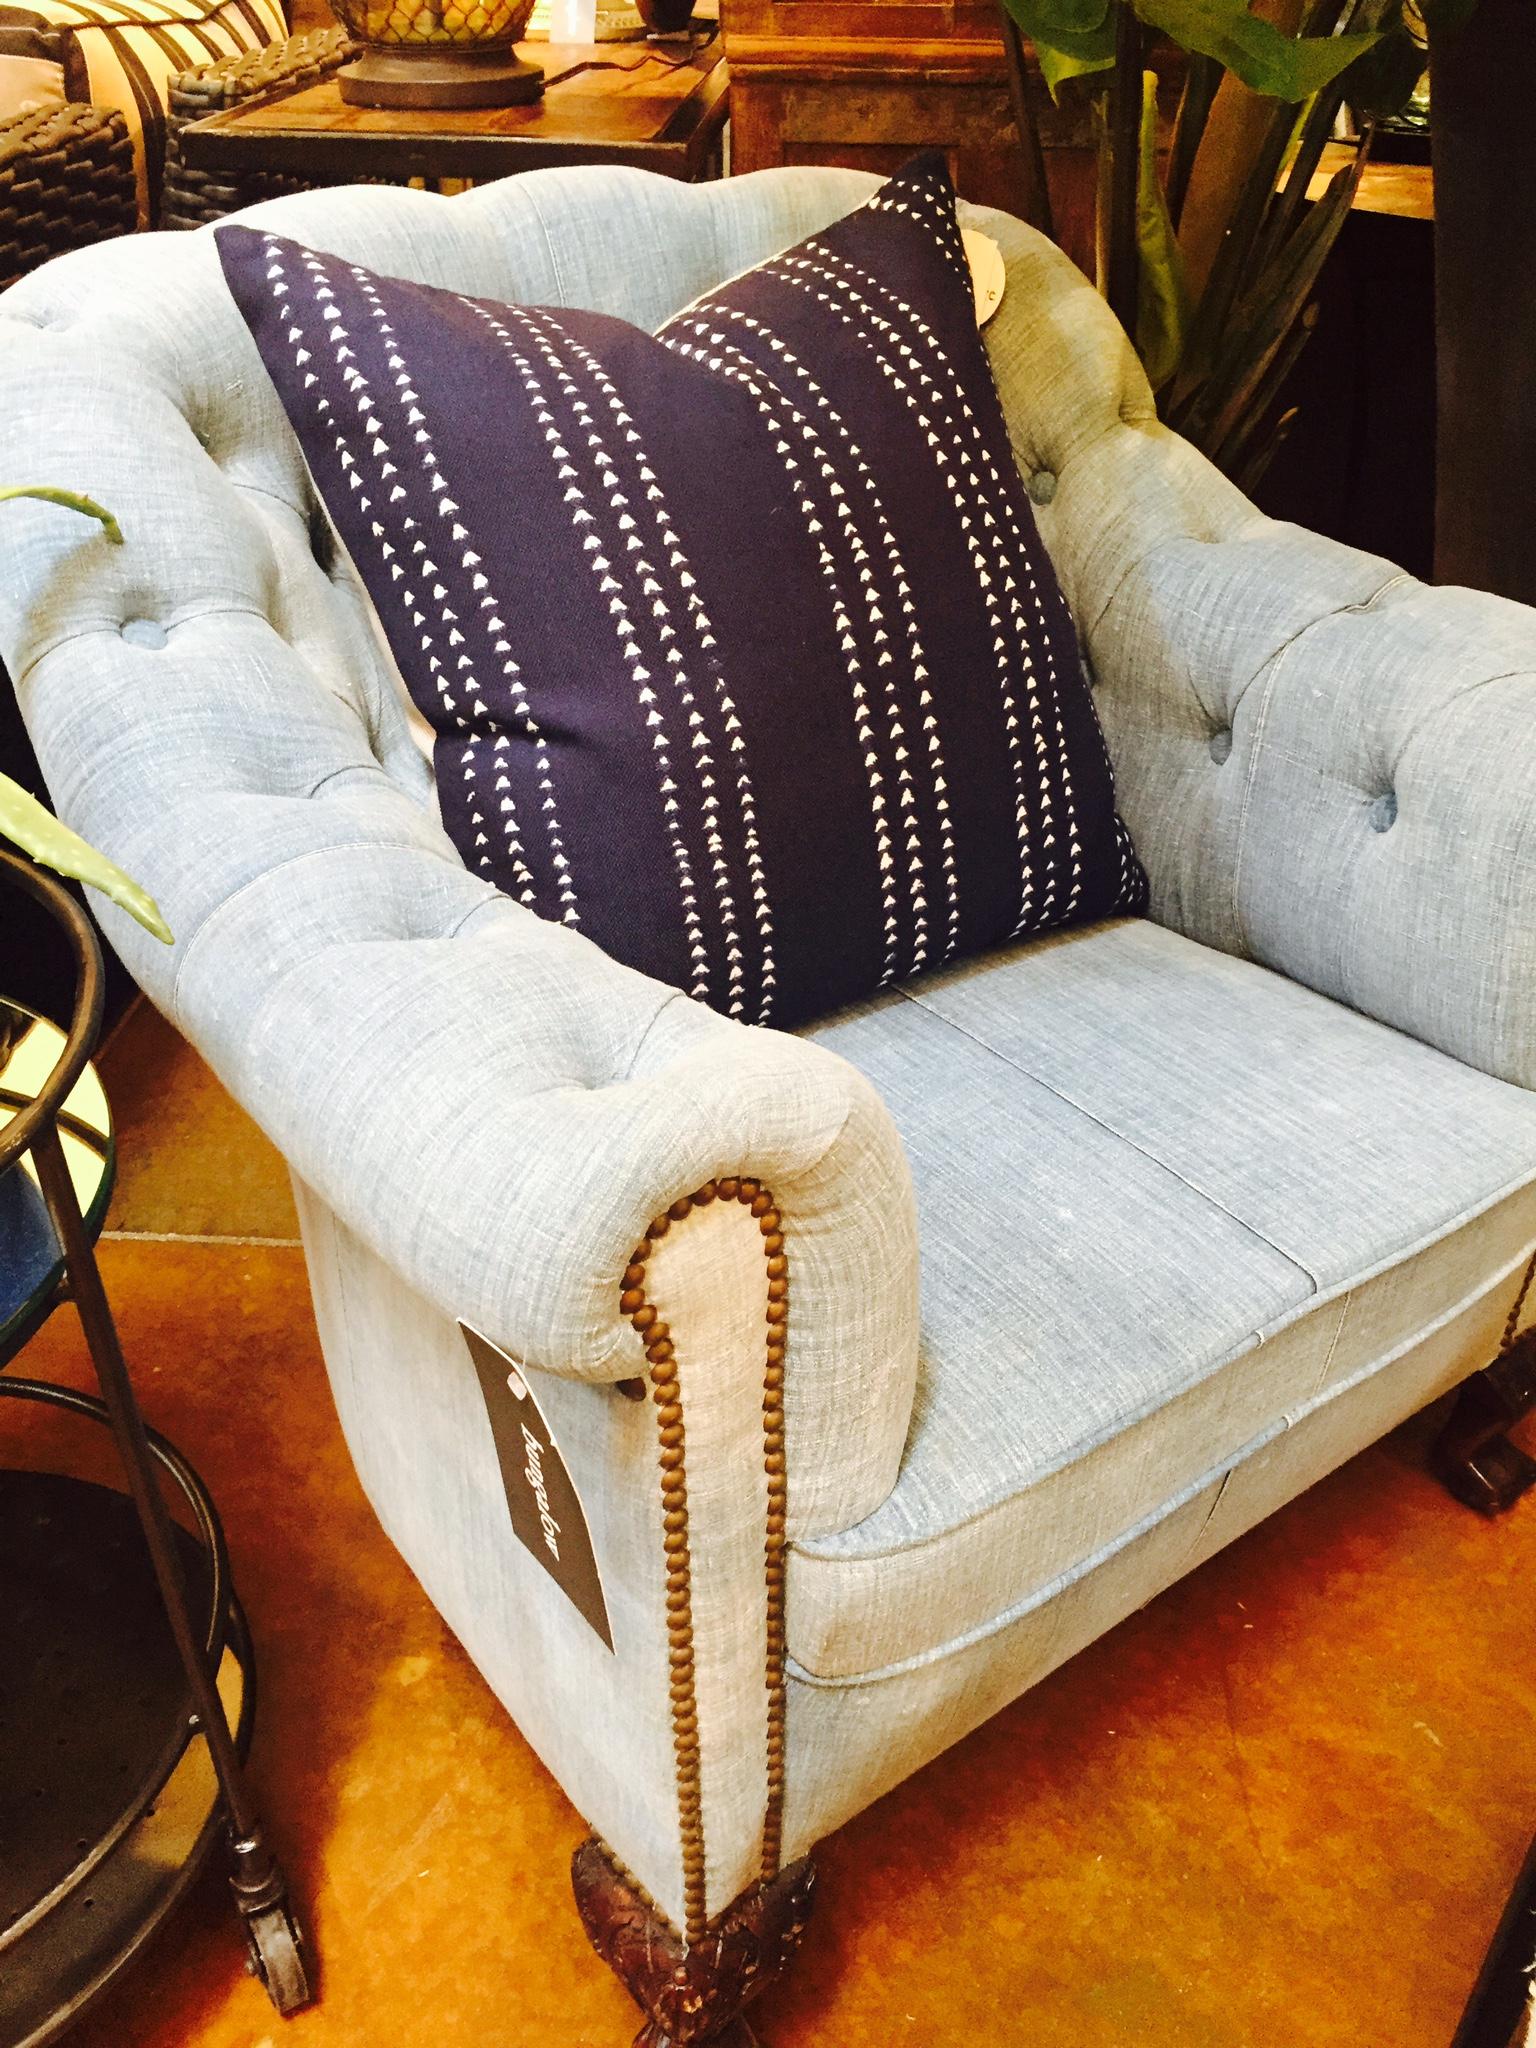 Bunaglow AZ Fall Seating Inspiration